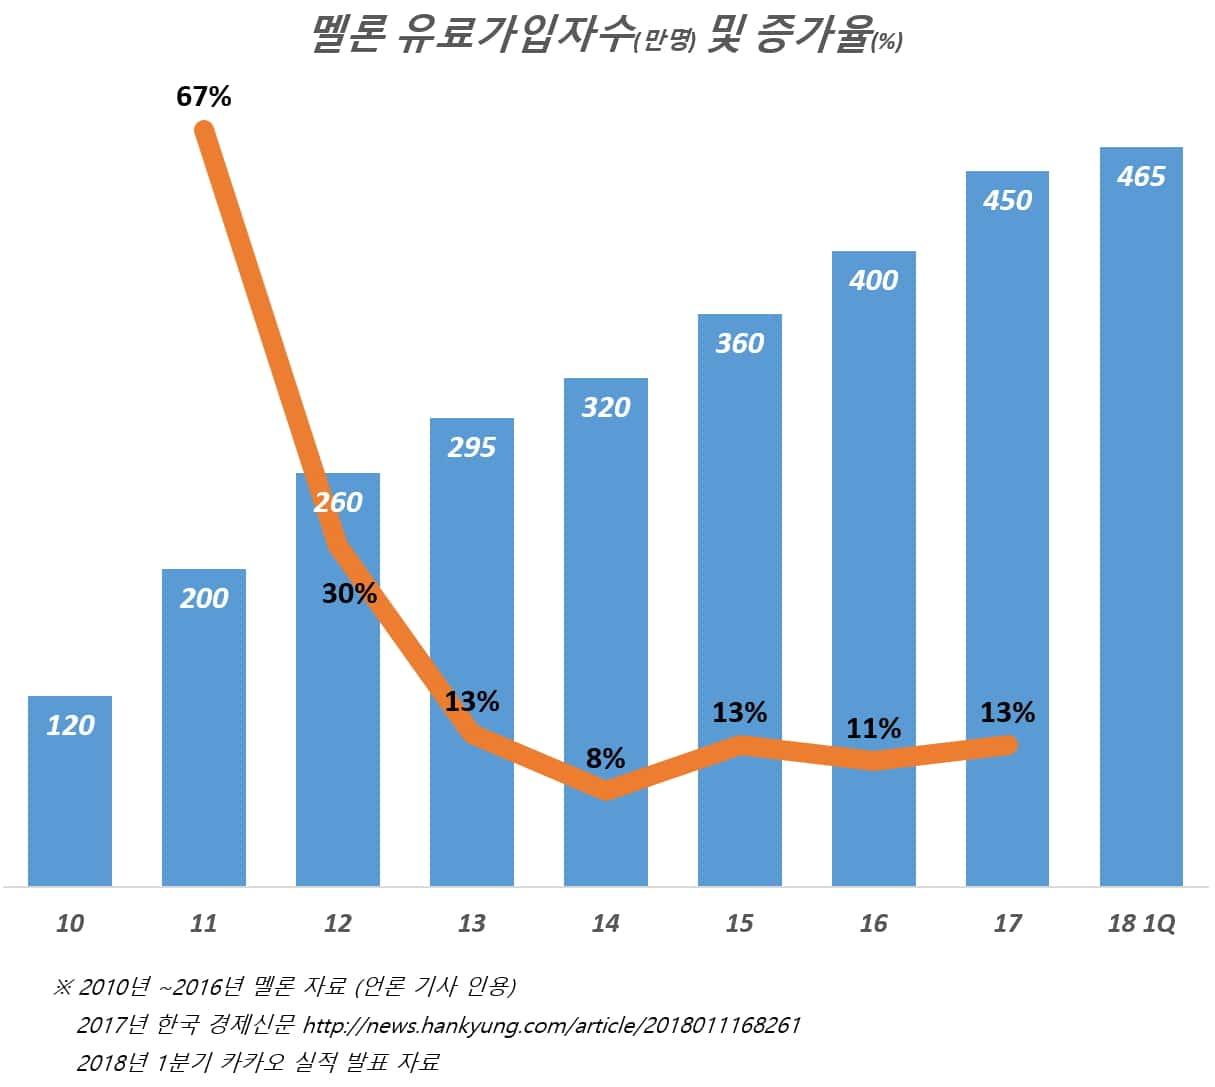 카카오 멜론 유료 가입자수 및 연도별 증가율(2010년~2018년 1분기)